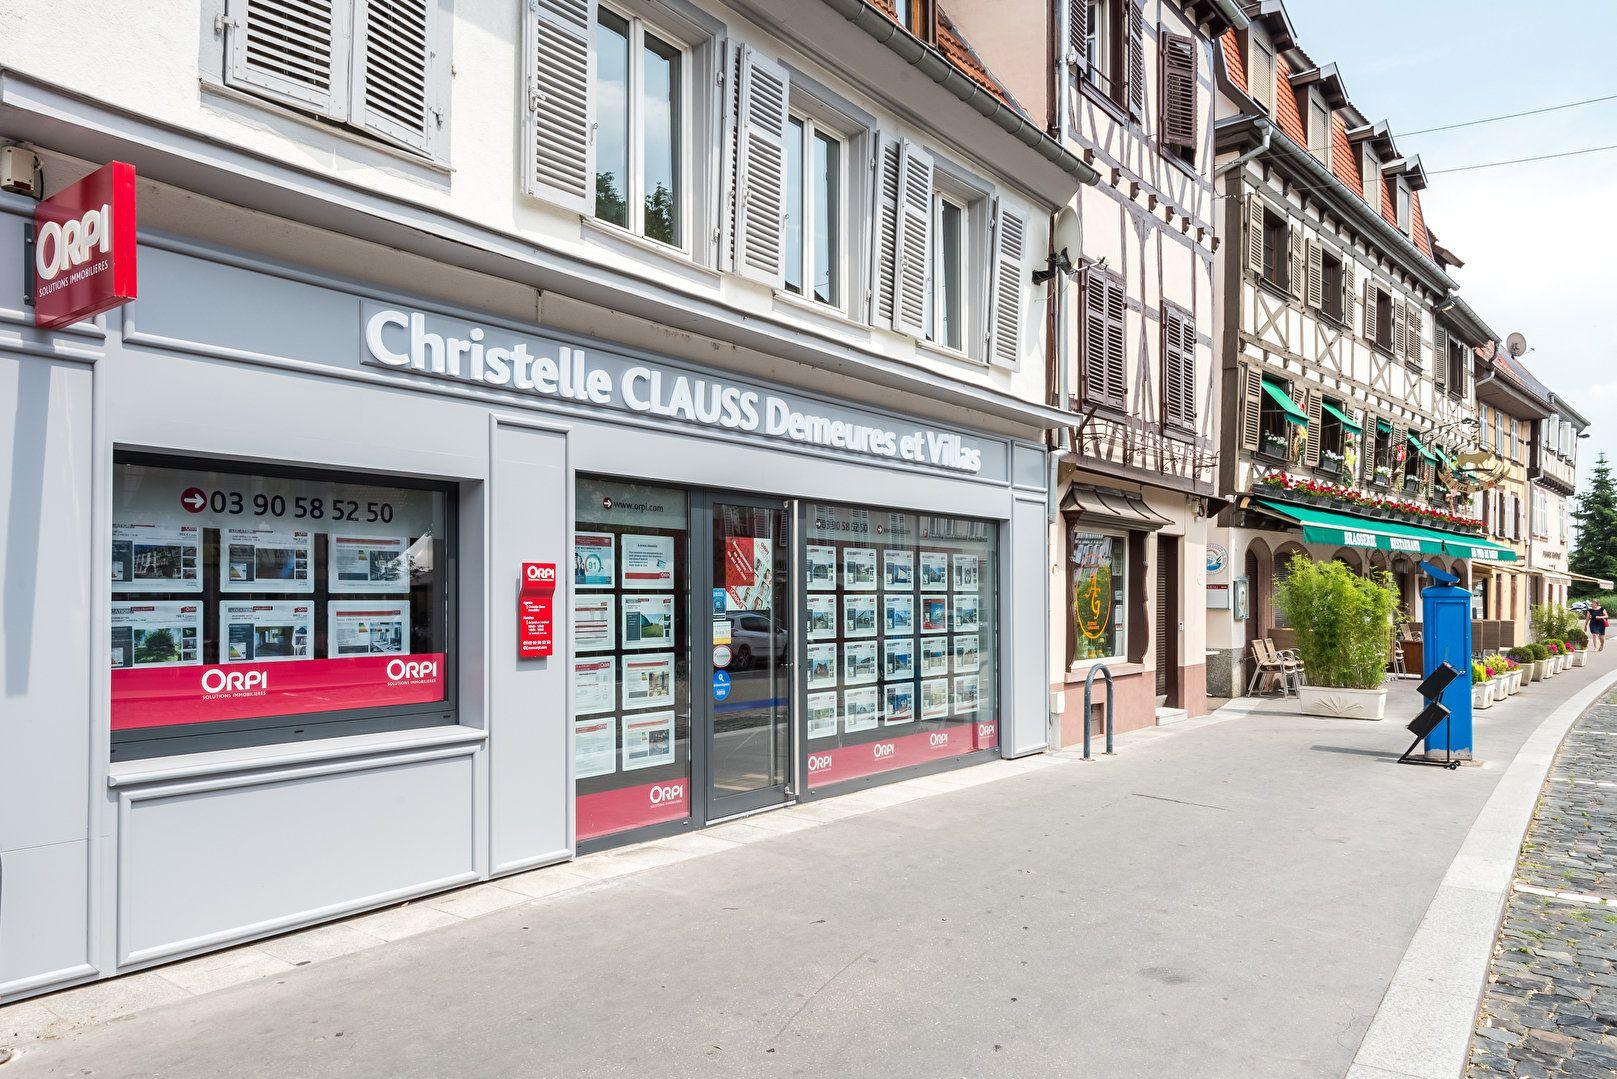 Christelle Clauss Demeures et Villas